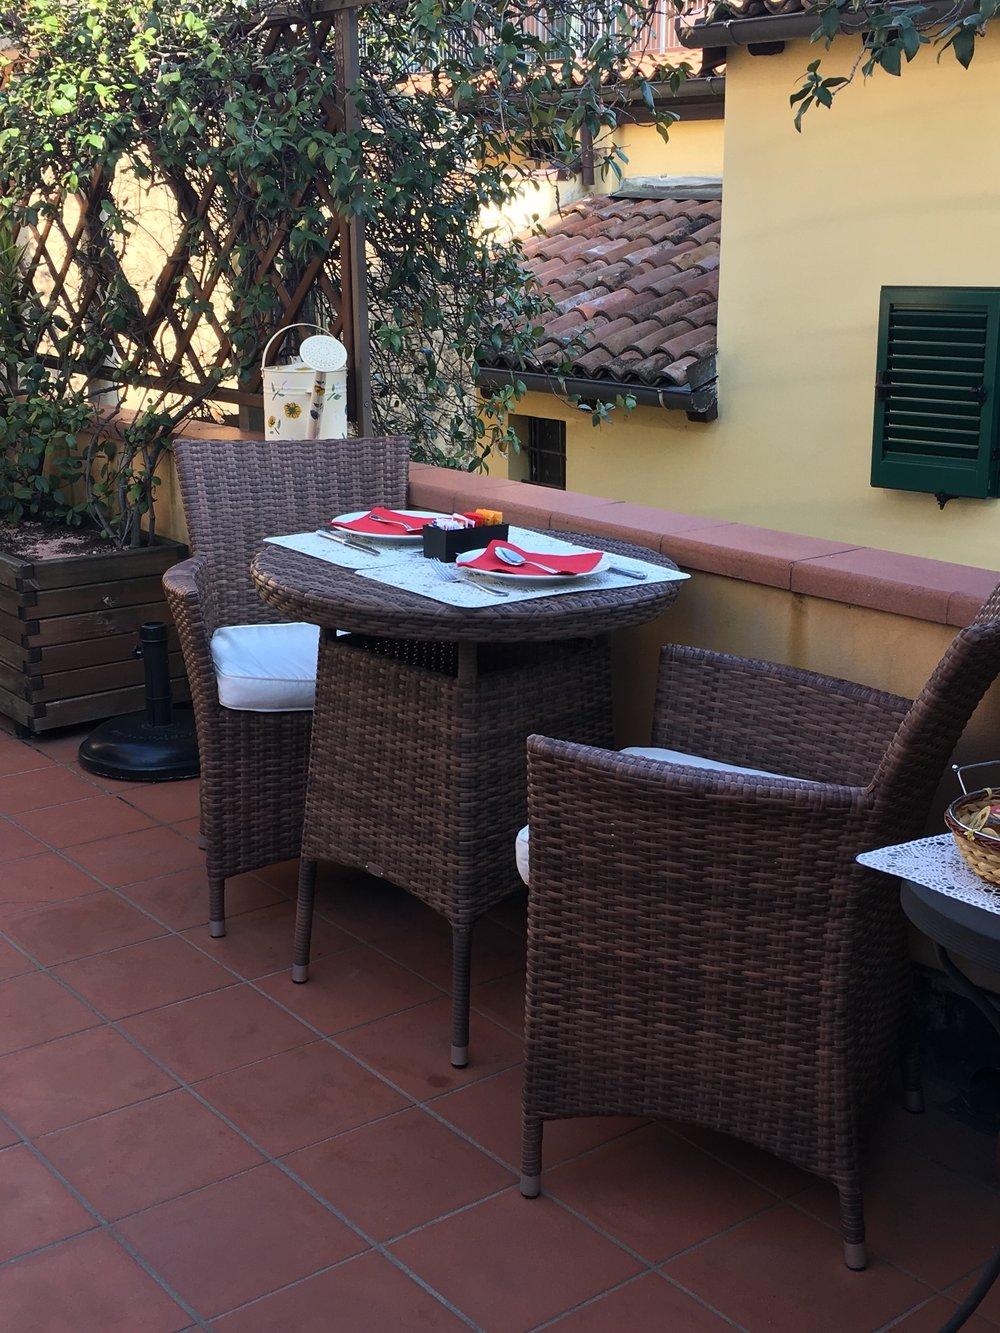 Breakfast terrace at the B&B